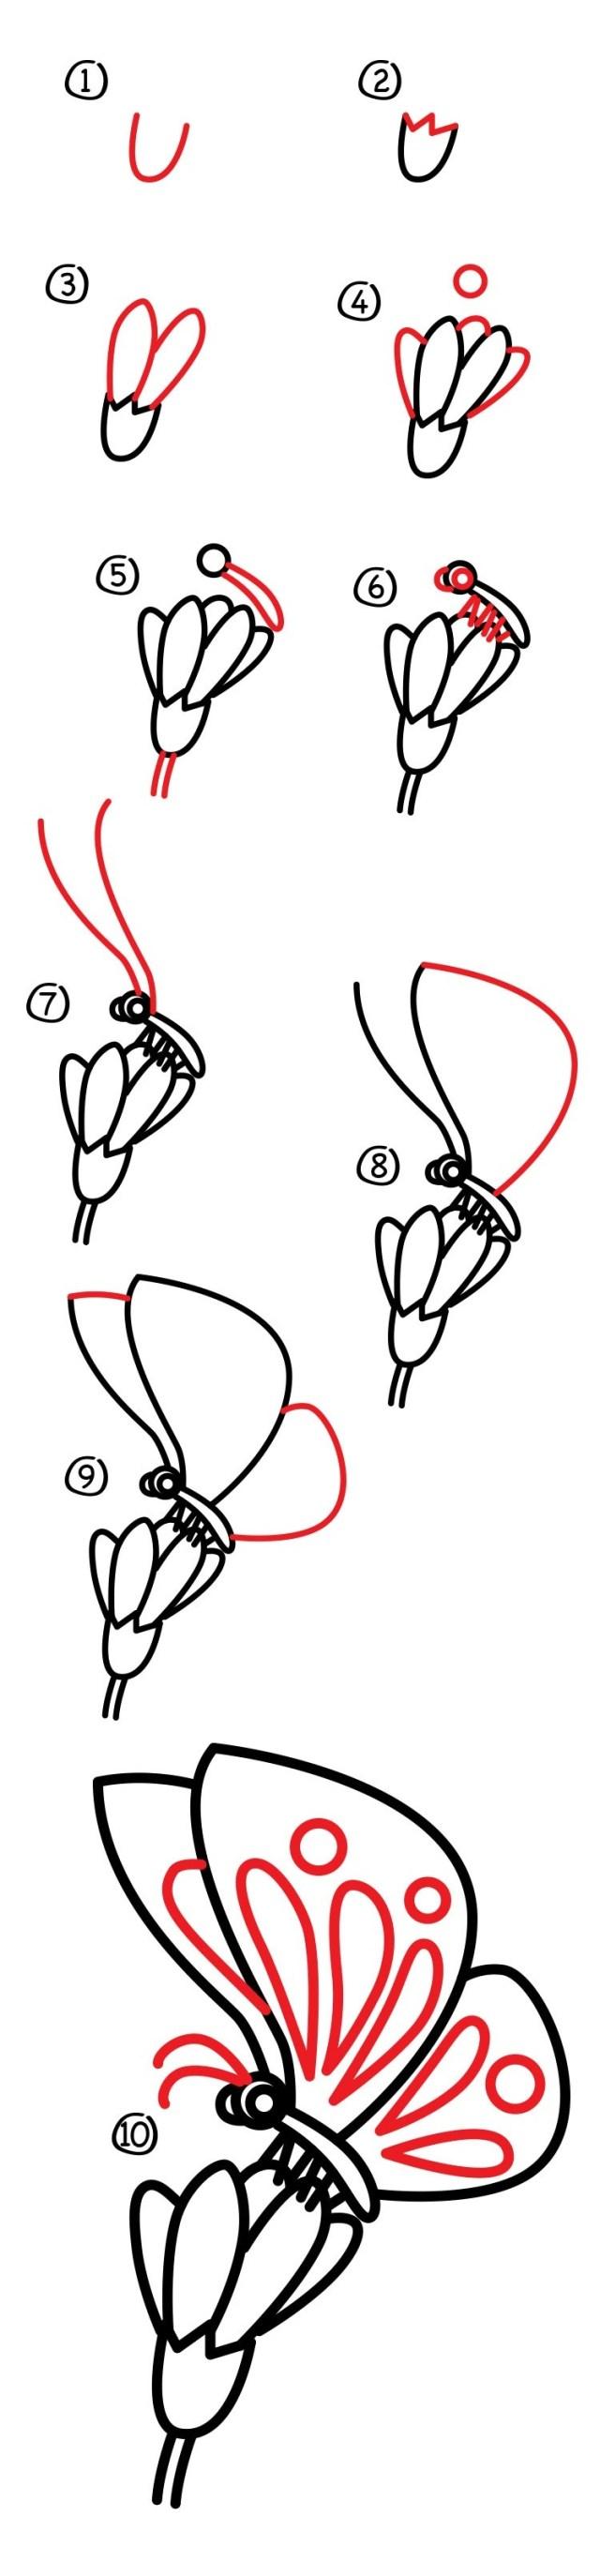 02. Как нарисовать бабочку на цветке?